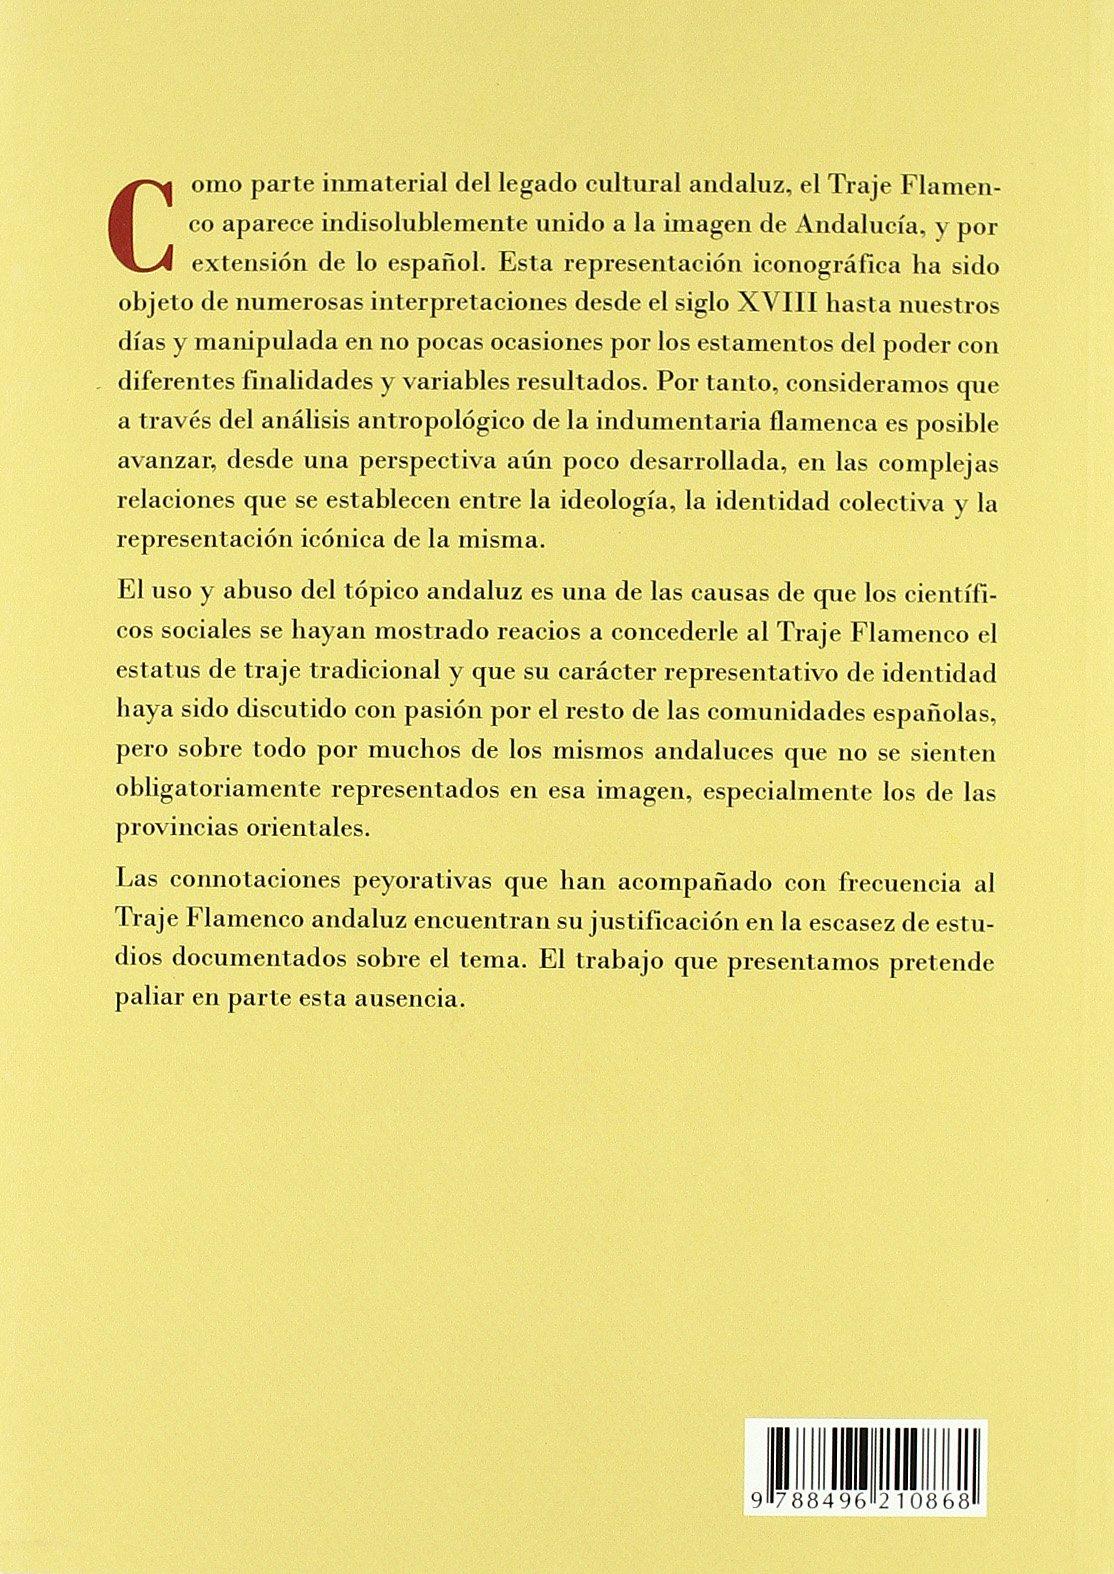 TRAJE DE FLAMENCA: 9788496210868: Amazon.com: Books